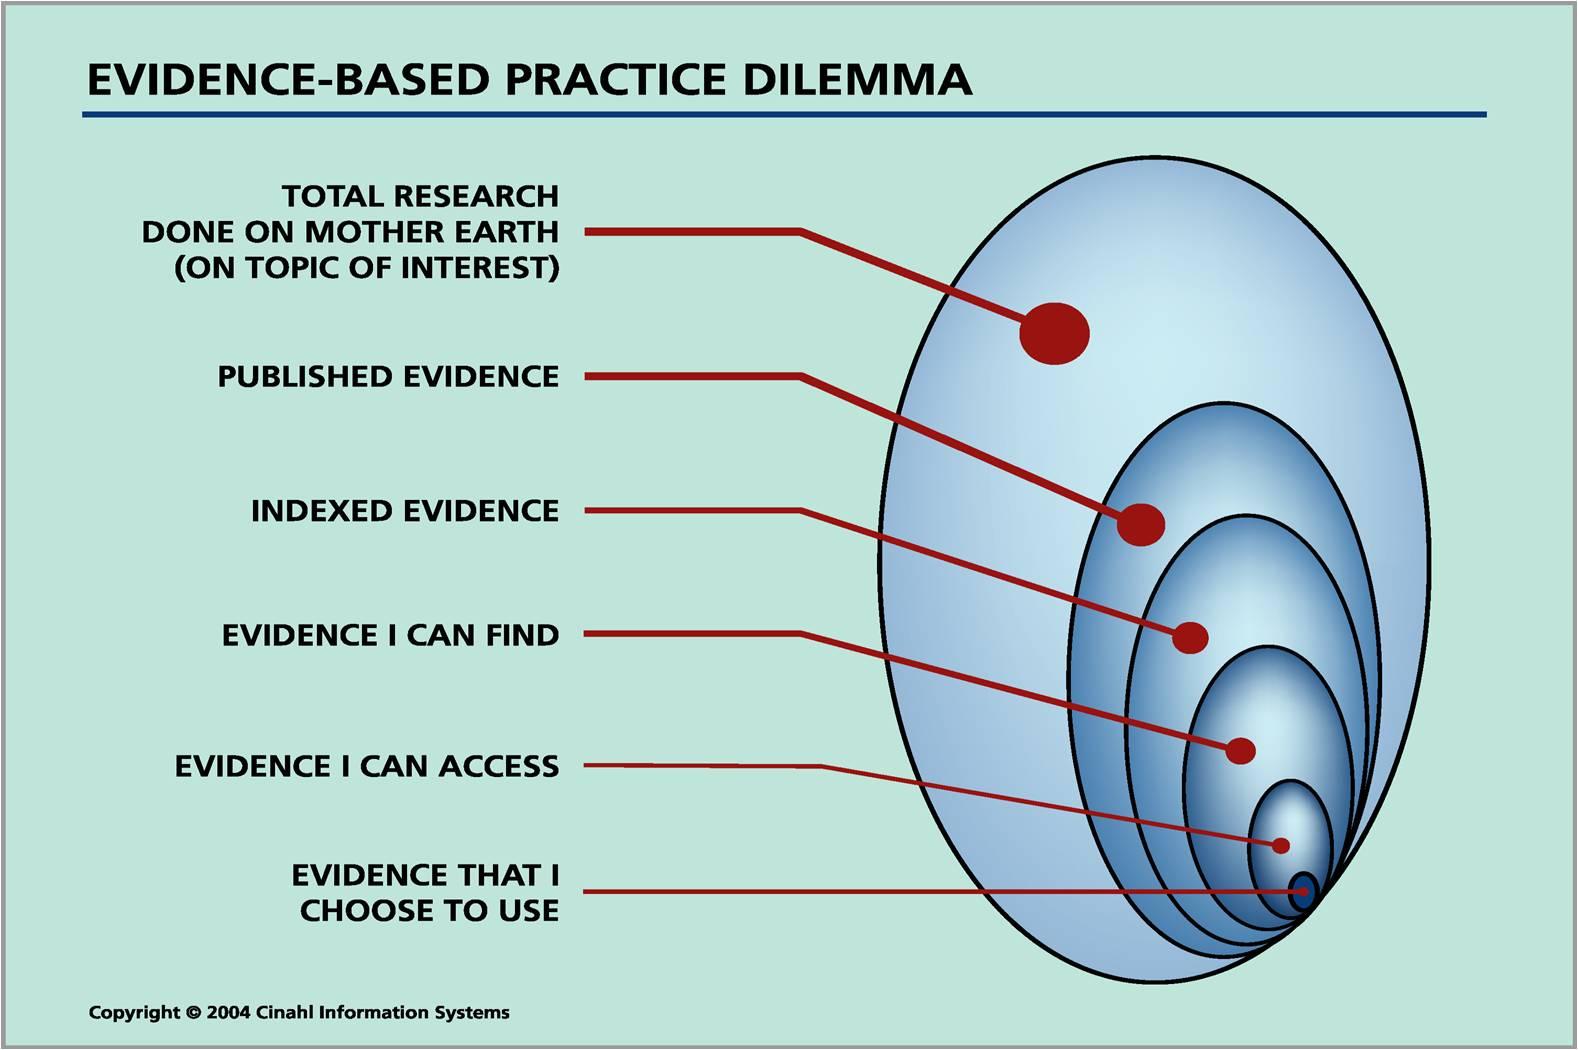 EBP Delimma CINAHL Venn diagram